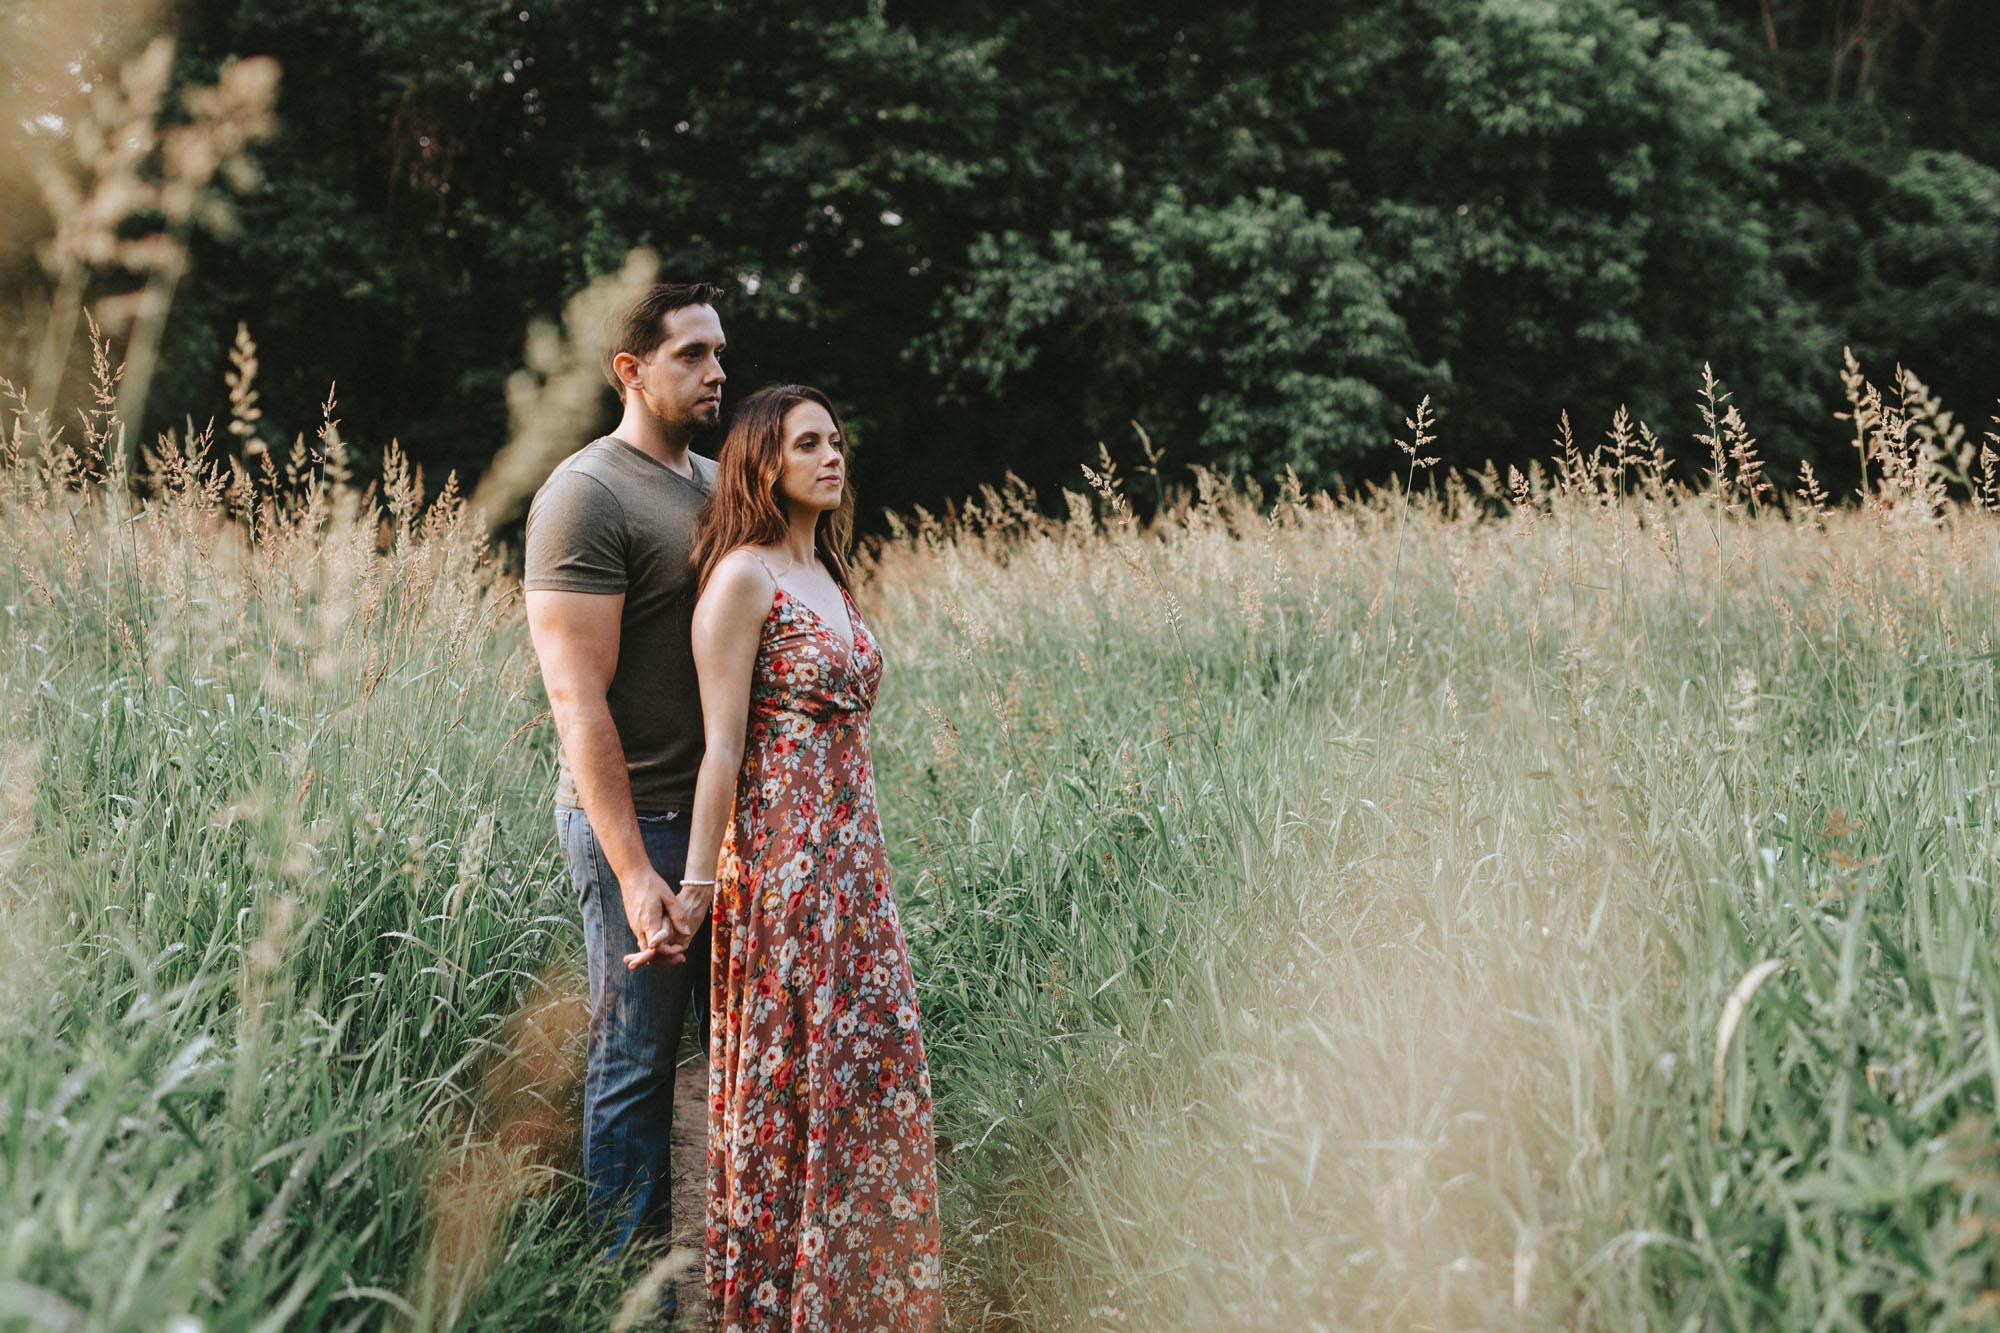 Twisted-Oaks-Studio-Tyler-Park-Engagement-9986.jpg